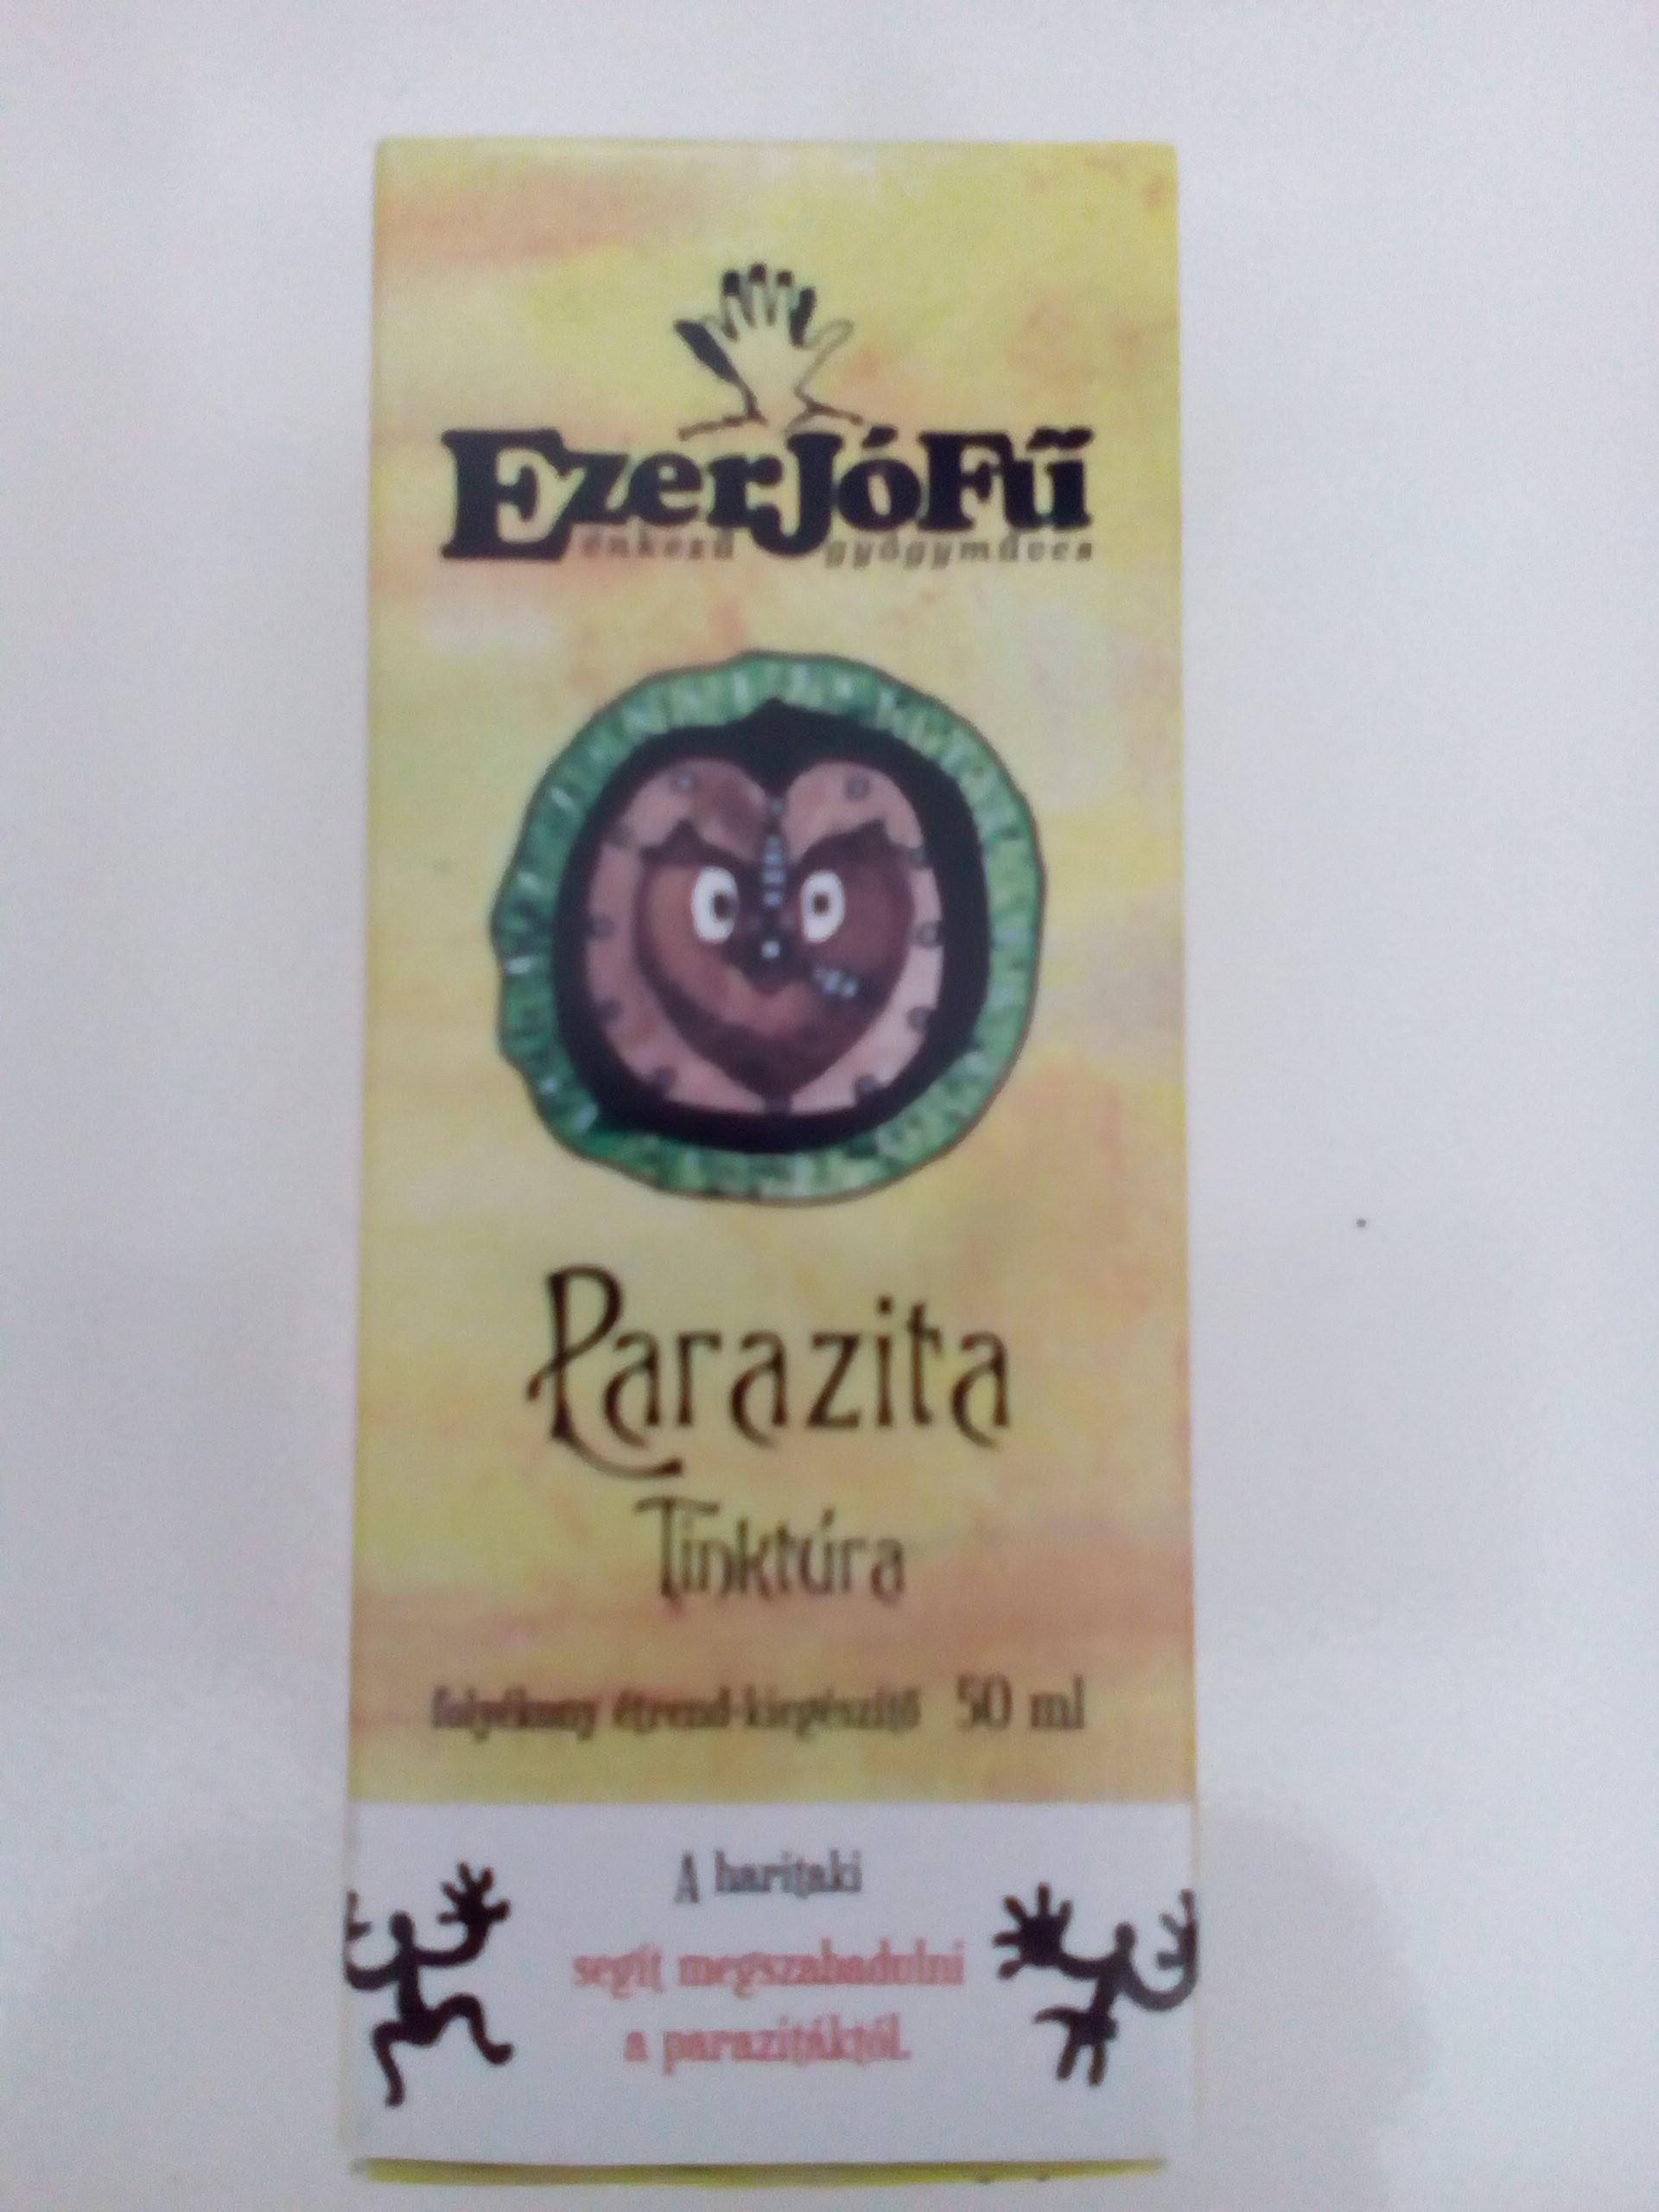 parazita tablettákból készült csillár tinktúra